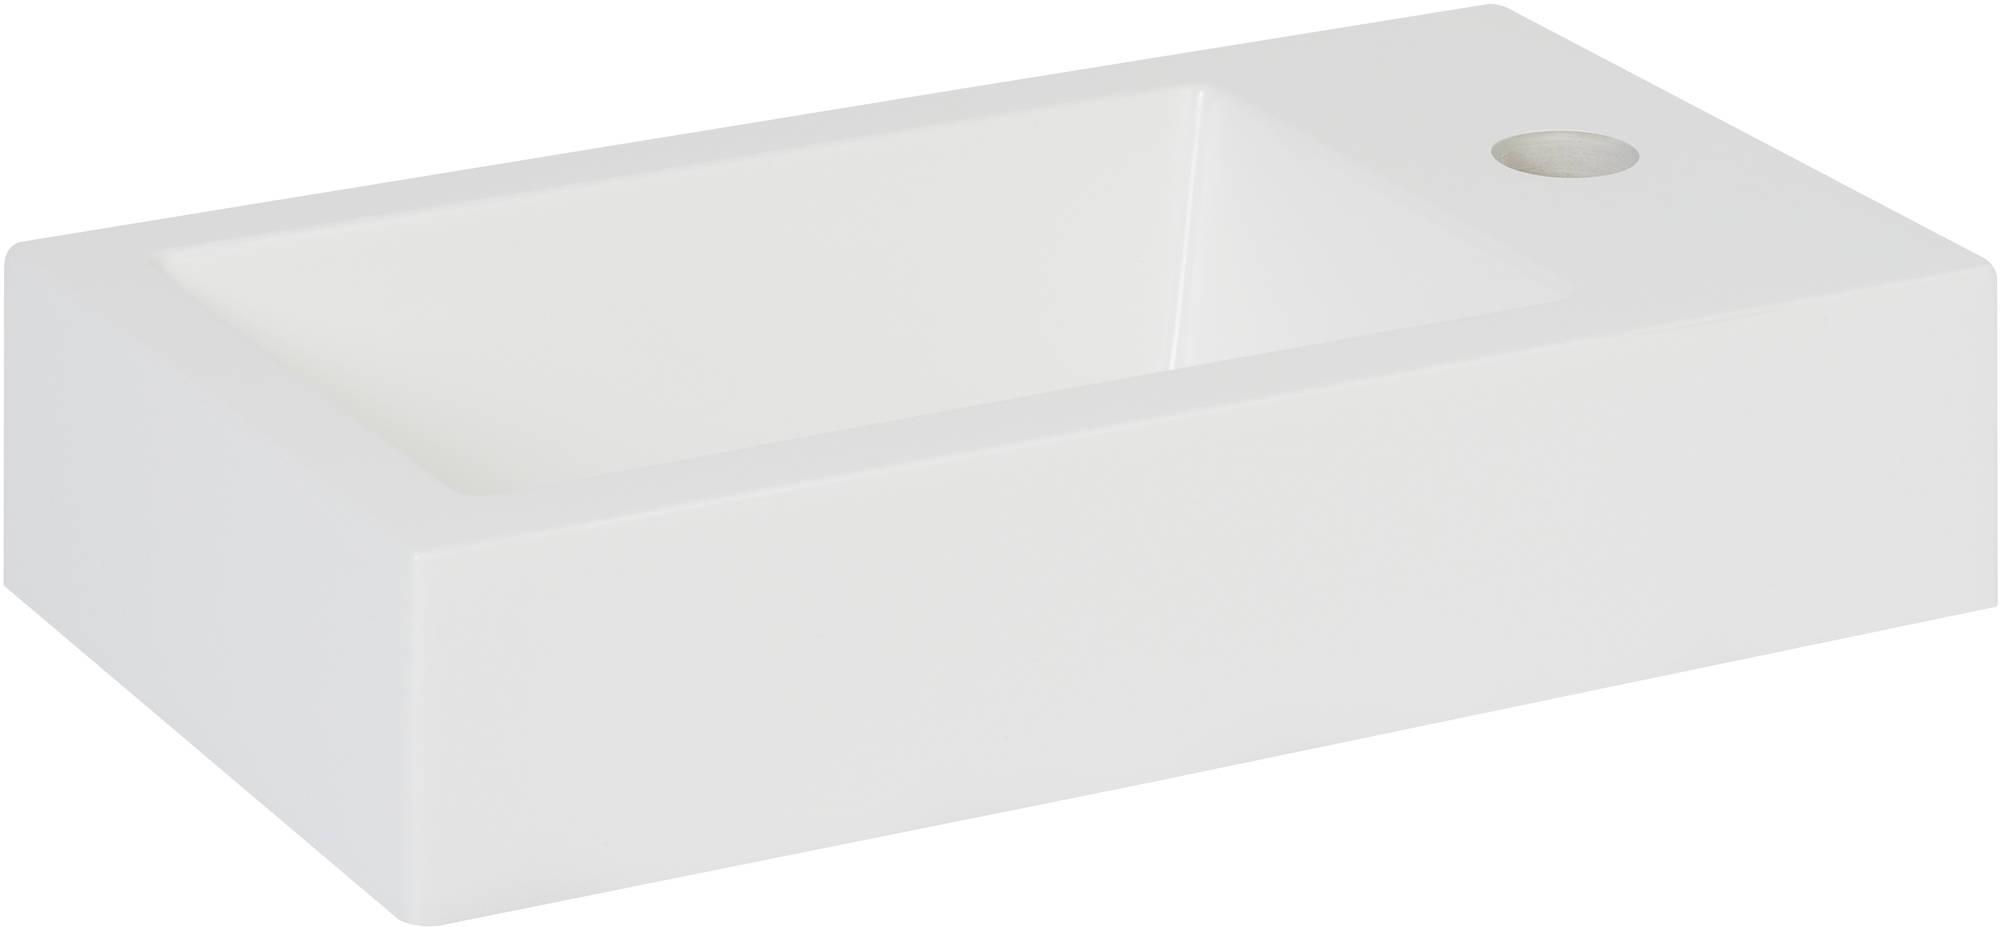 Saniselect Square Fontein 40,5x22x9 cm 1Kgr. Rechts Wit